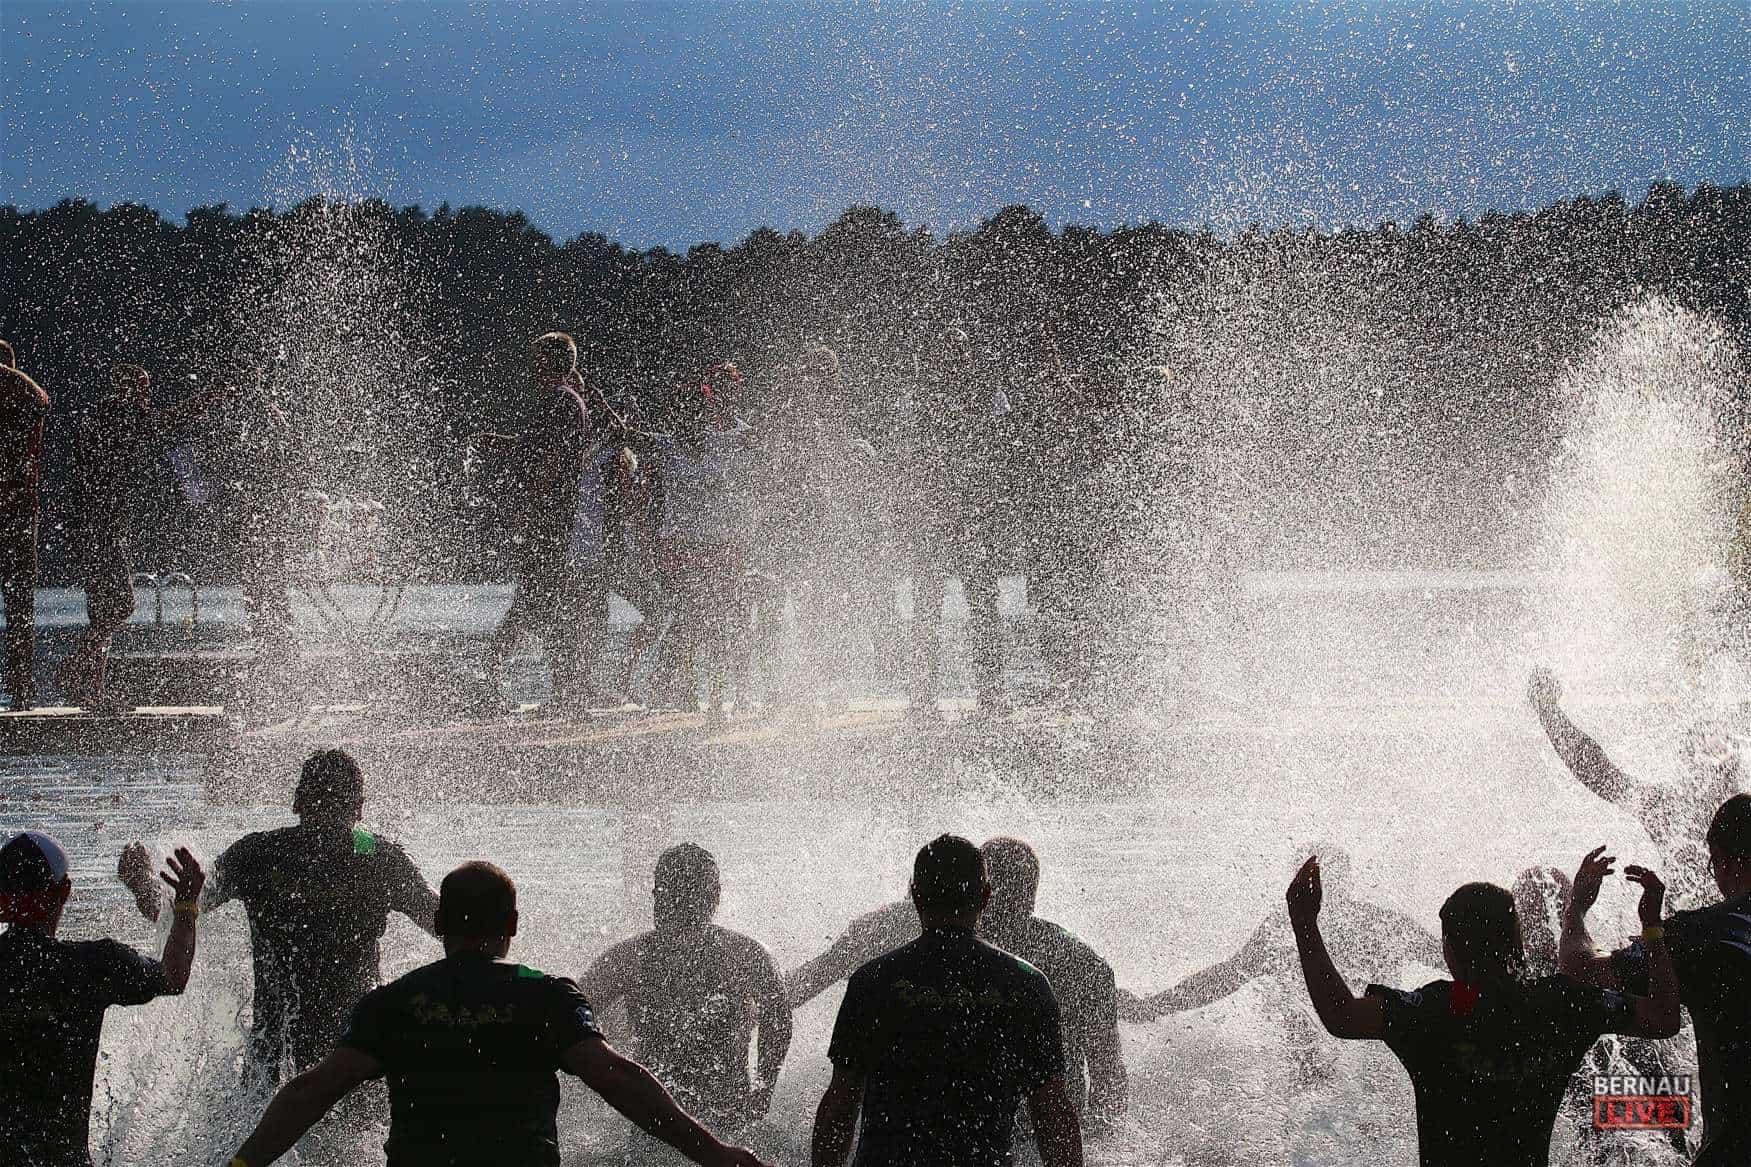 Biesenthal - Bernau - Wukenseefest - Sonne, Wasser, Drachenbootrennen, Party, Feuerwerk